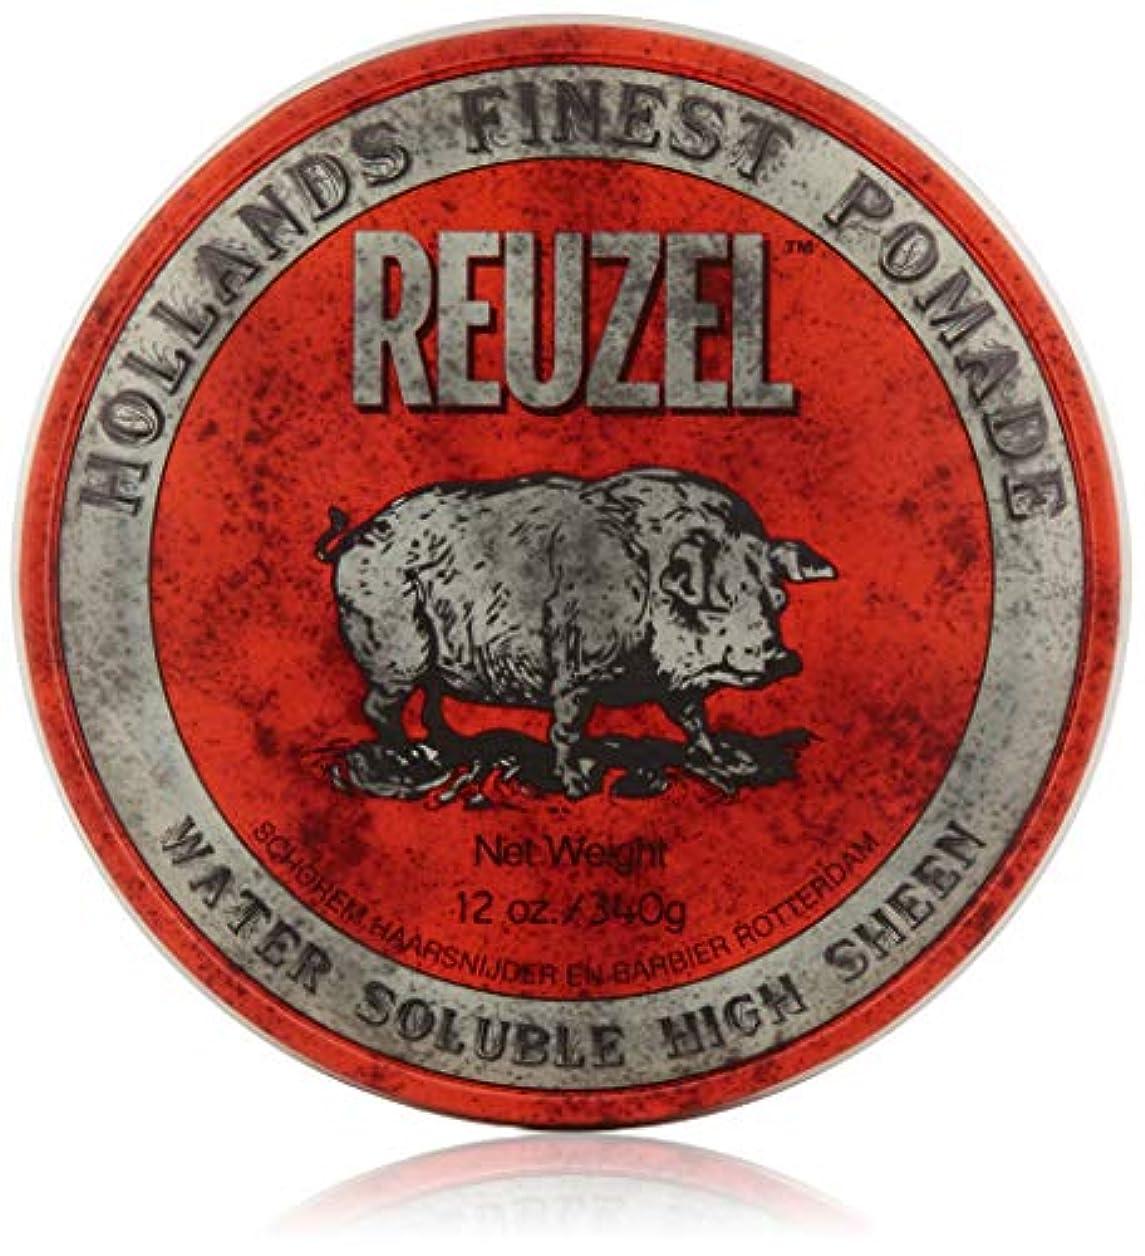 致命的サイクル納得させるREUZEL Hair Pomade Hog, Red, 12 oz by REUZEL